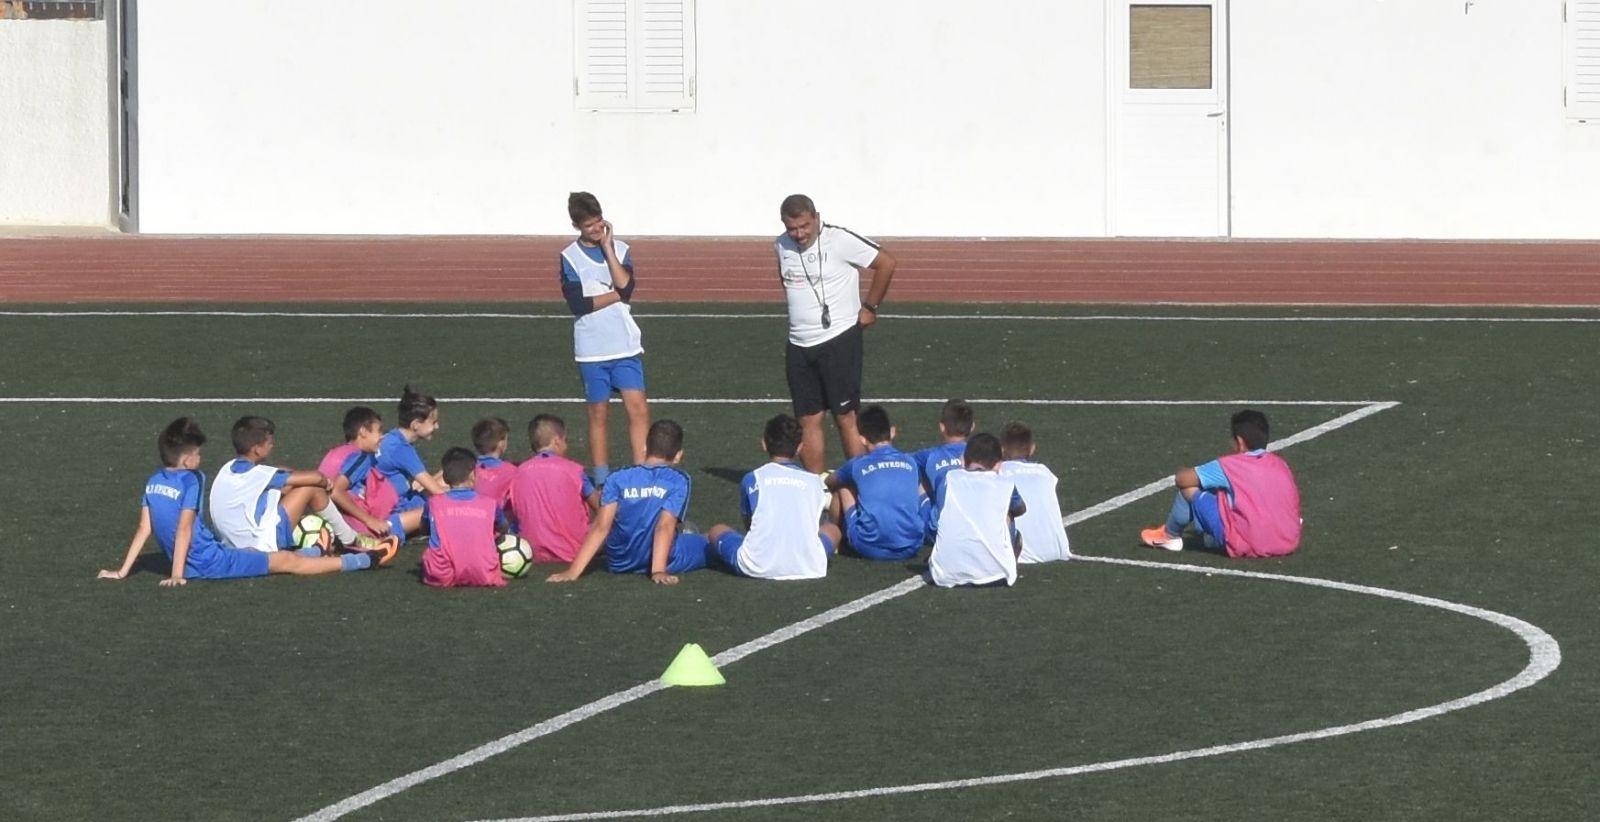 «Πάτησαν» γήπεδο οι ακαδημίες ποδοσφαίρου του Α.Ο. Μυκόνου